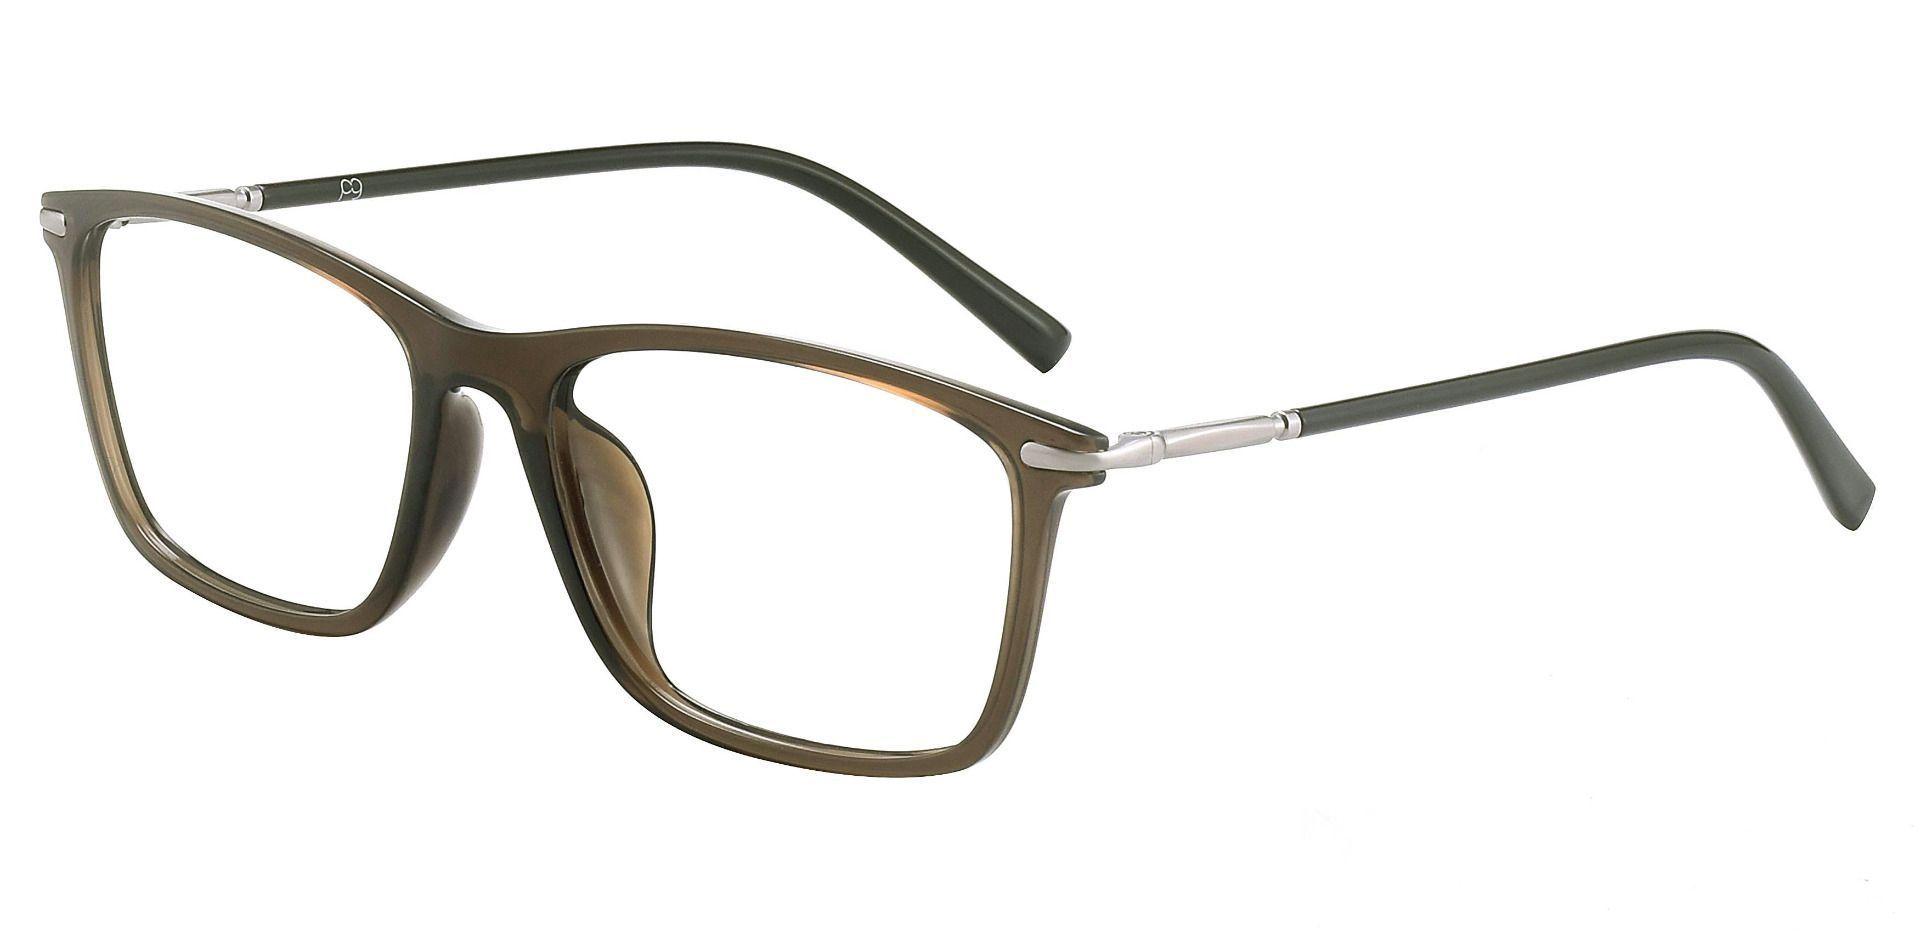 Gatsby Rectangle Prescription Glasses - Brown